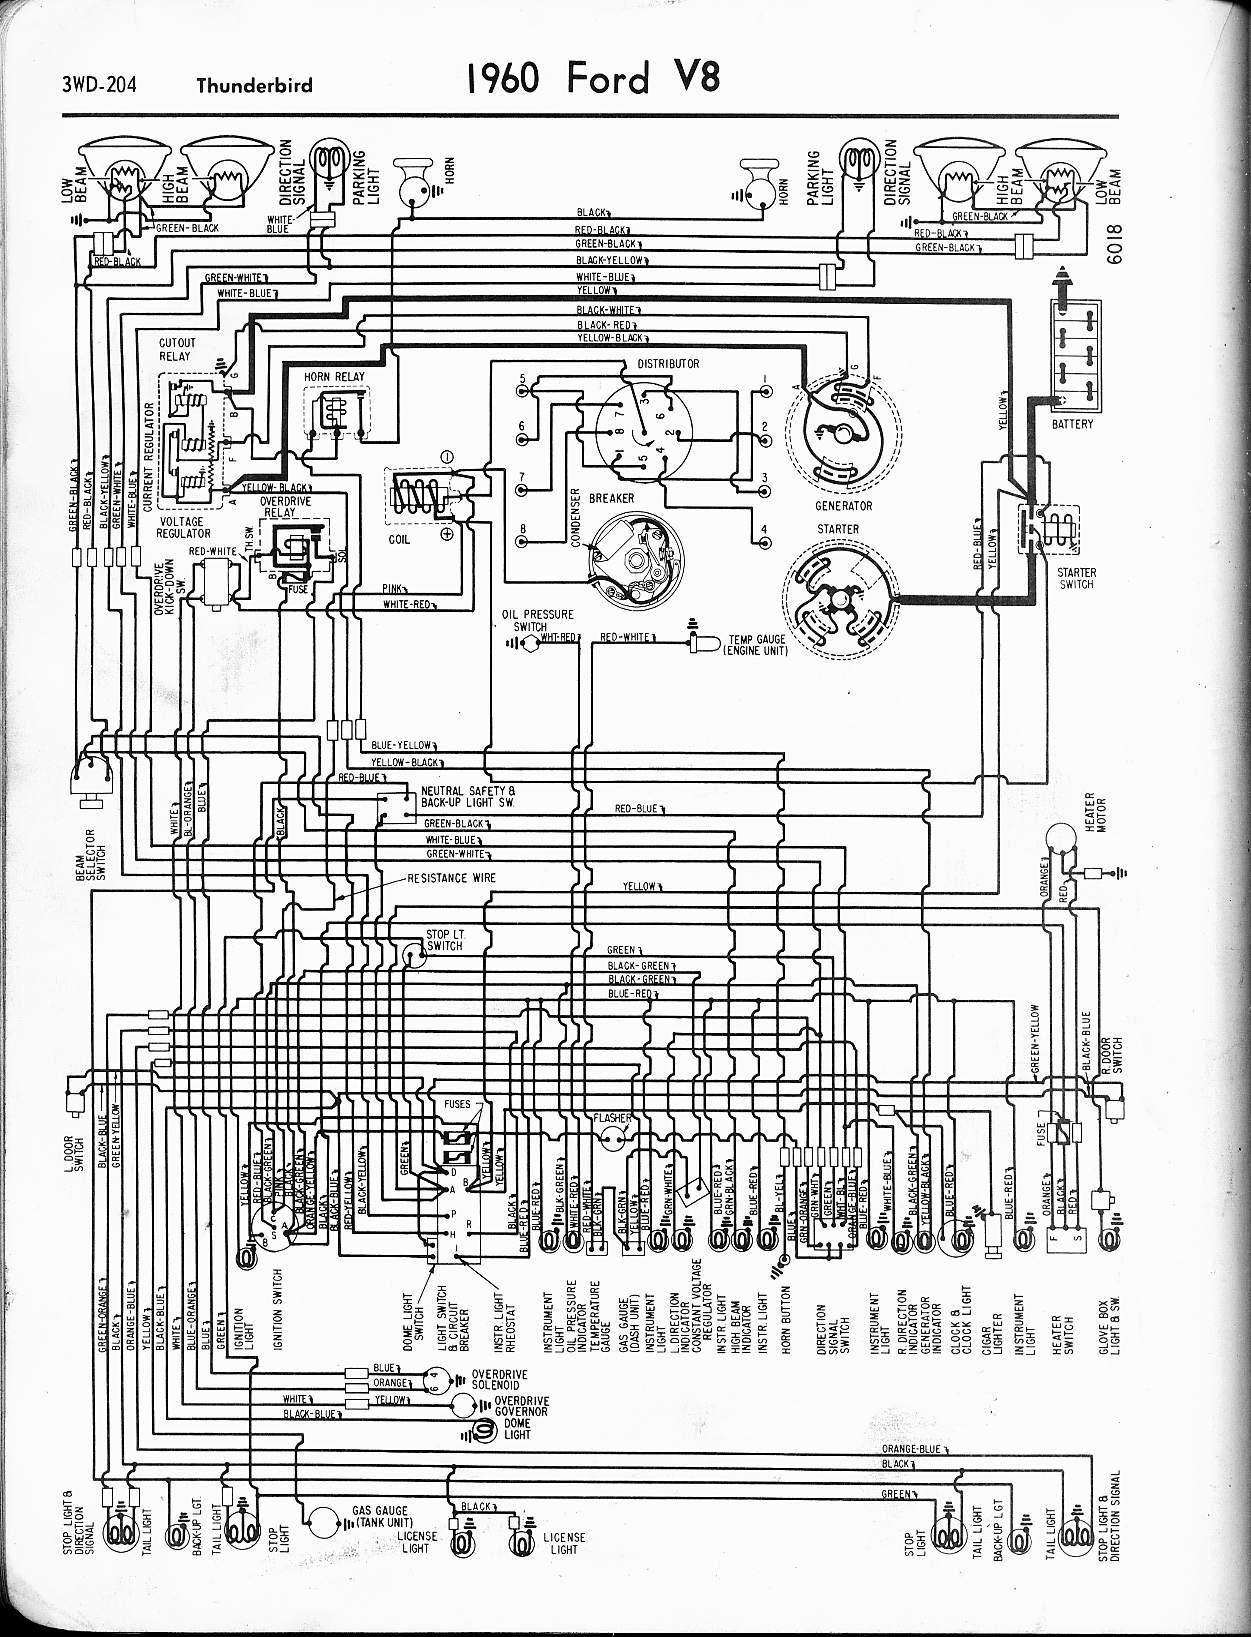 hight resolution of 1988 ford festiva wiring diagram saturn l100 wiring 1980 thunderbird 1980 thunderbird